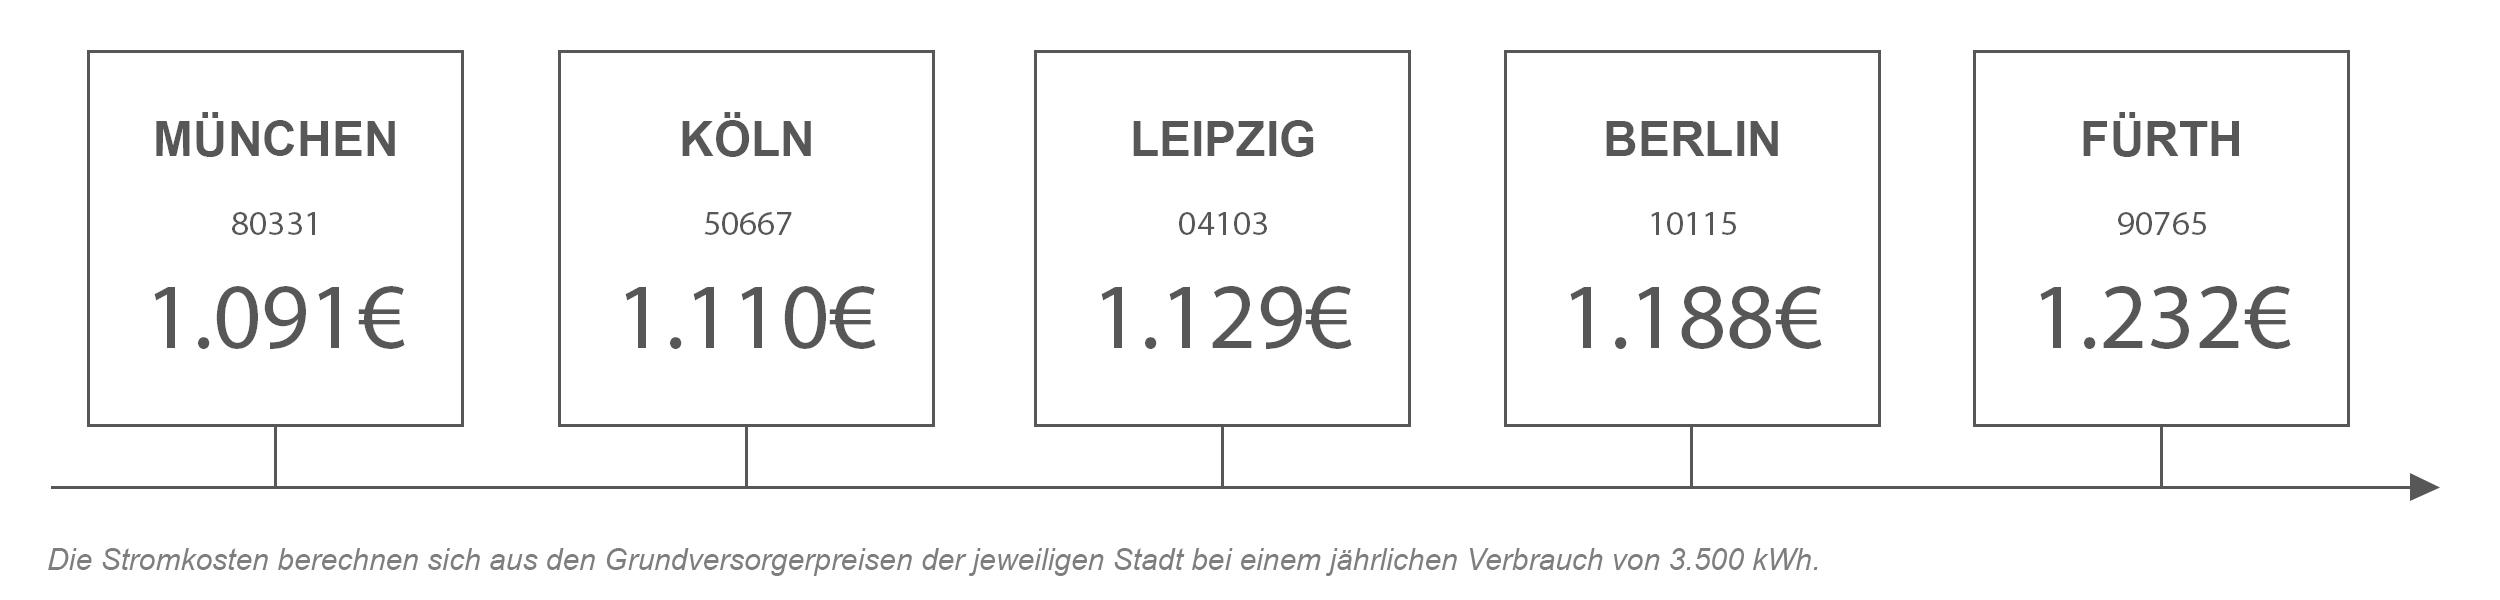 Strompreisvergleich von Fürth mit anderen Städten